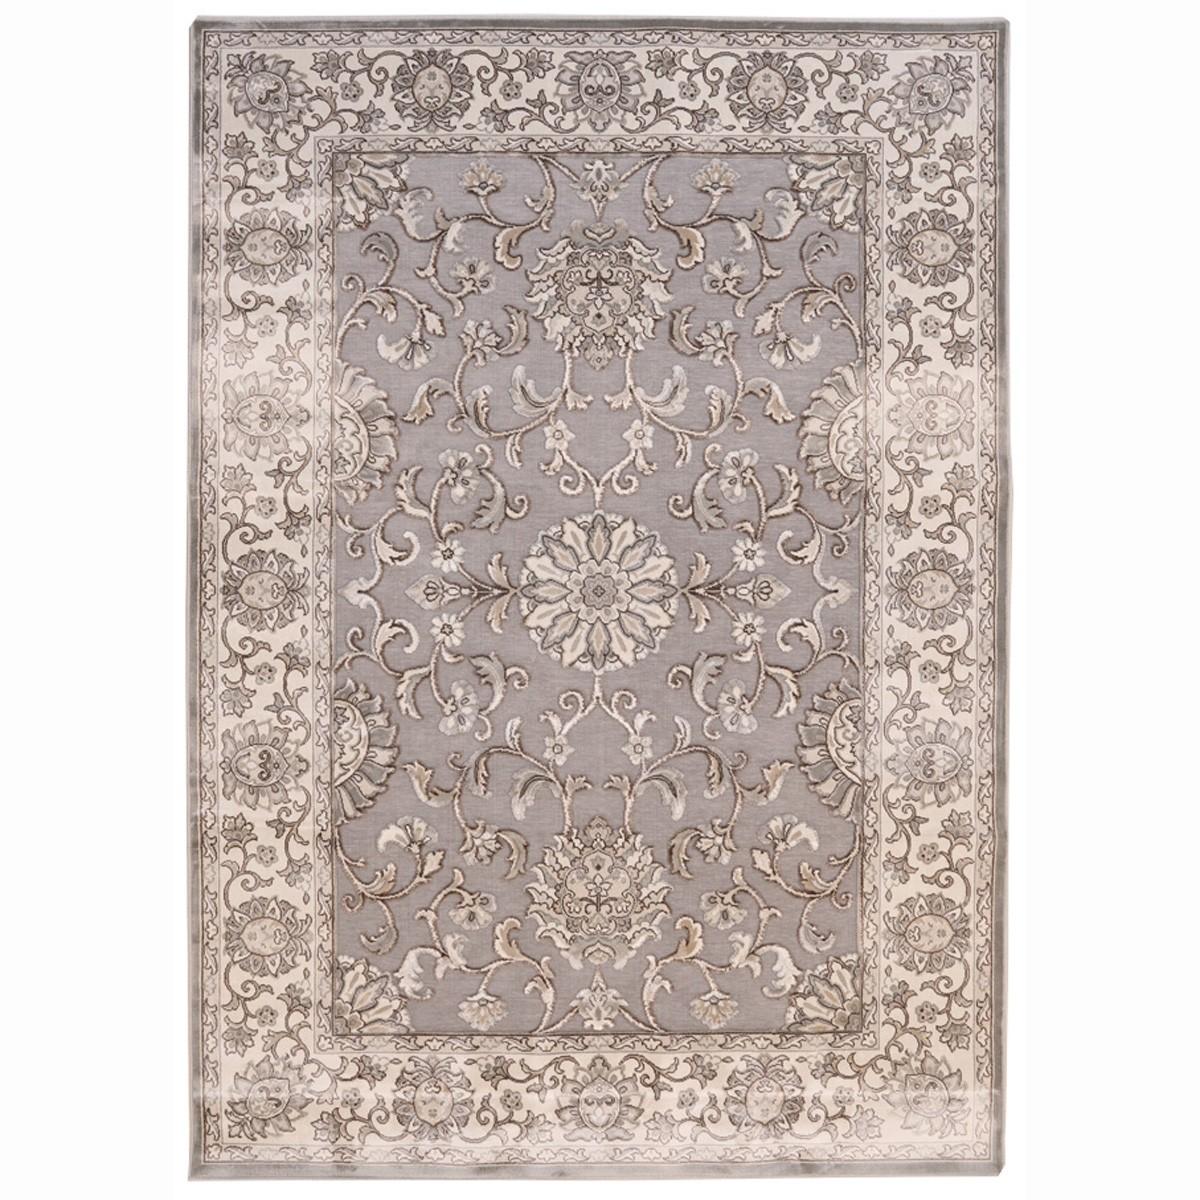 Χαλιά Κρεβατοκάμαρας (Σετ 3τμχ) Royal Carpets Tiffany Ice 939 Bl